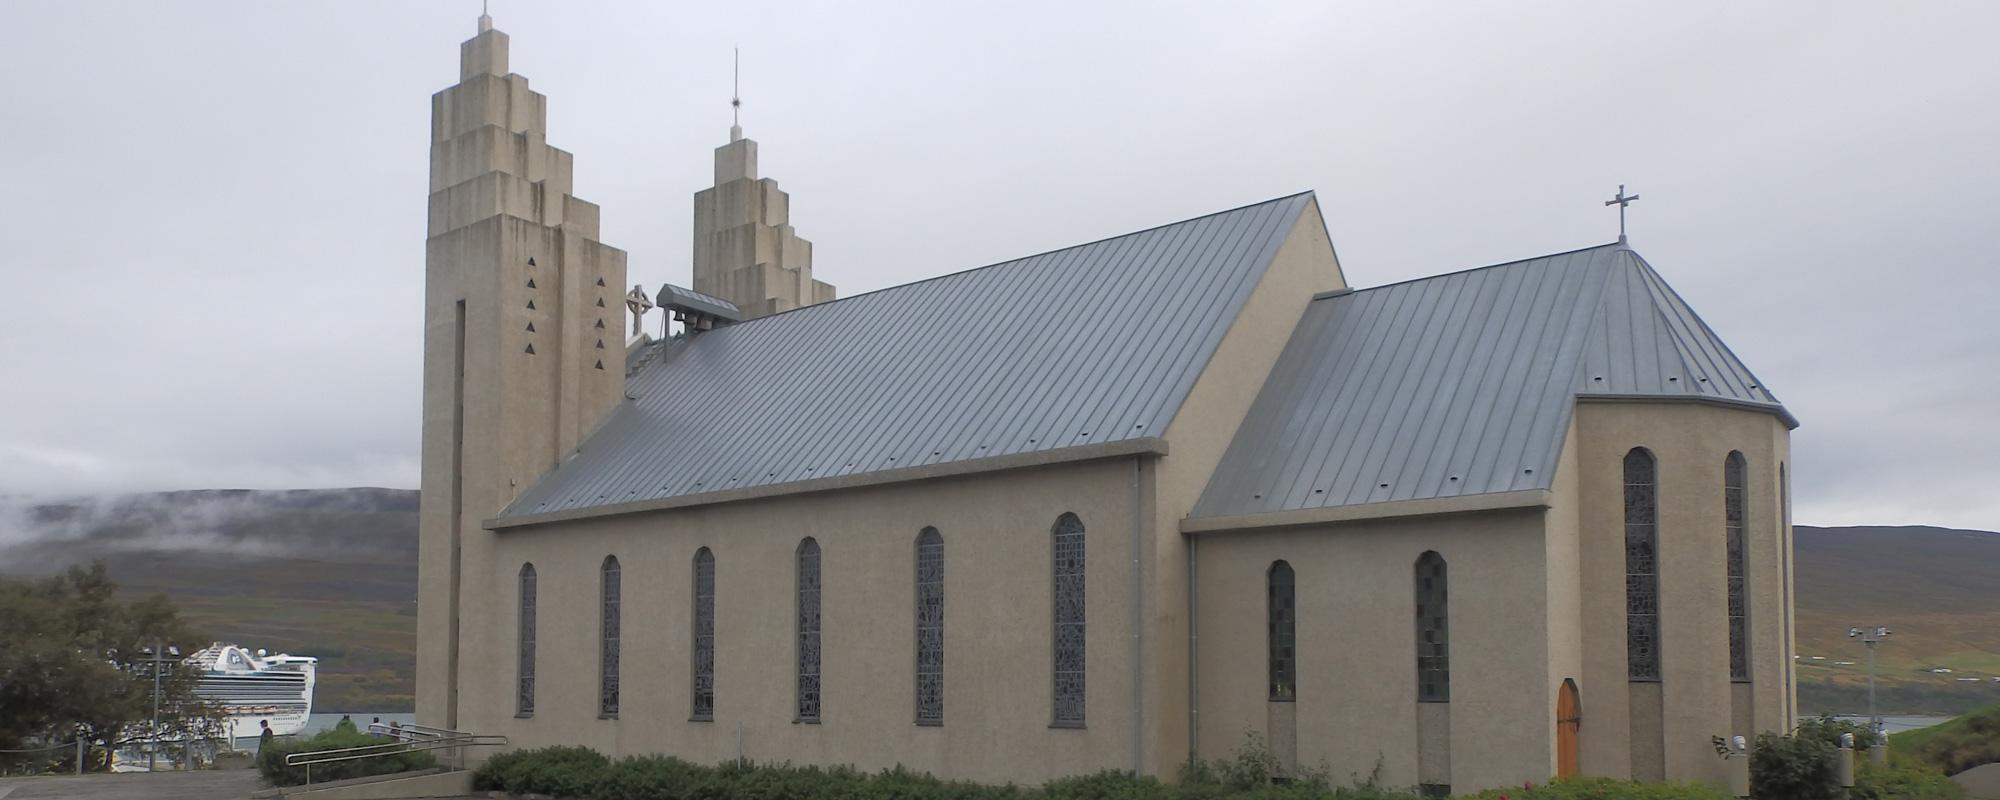 La cathédrale de Akureyri, Islande à vélo